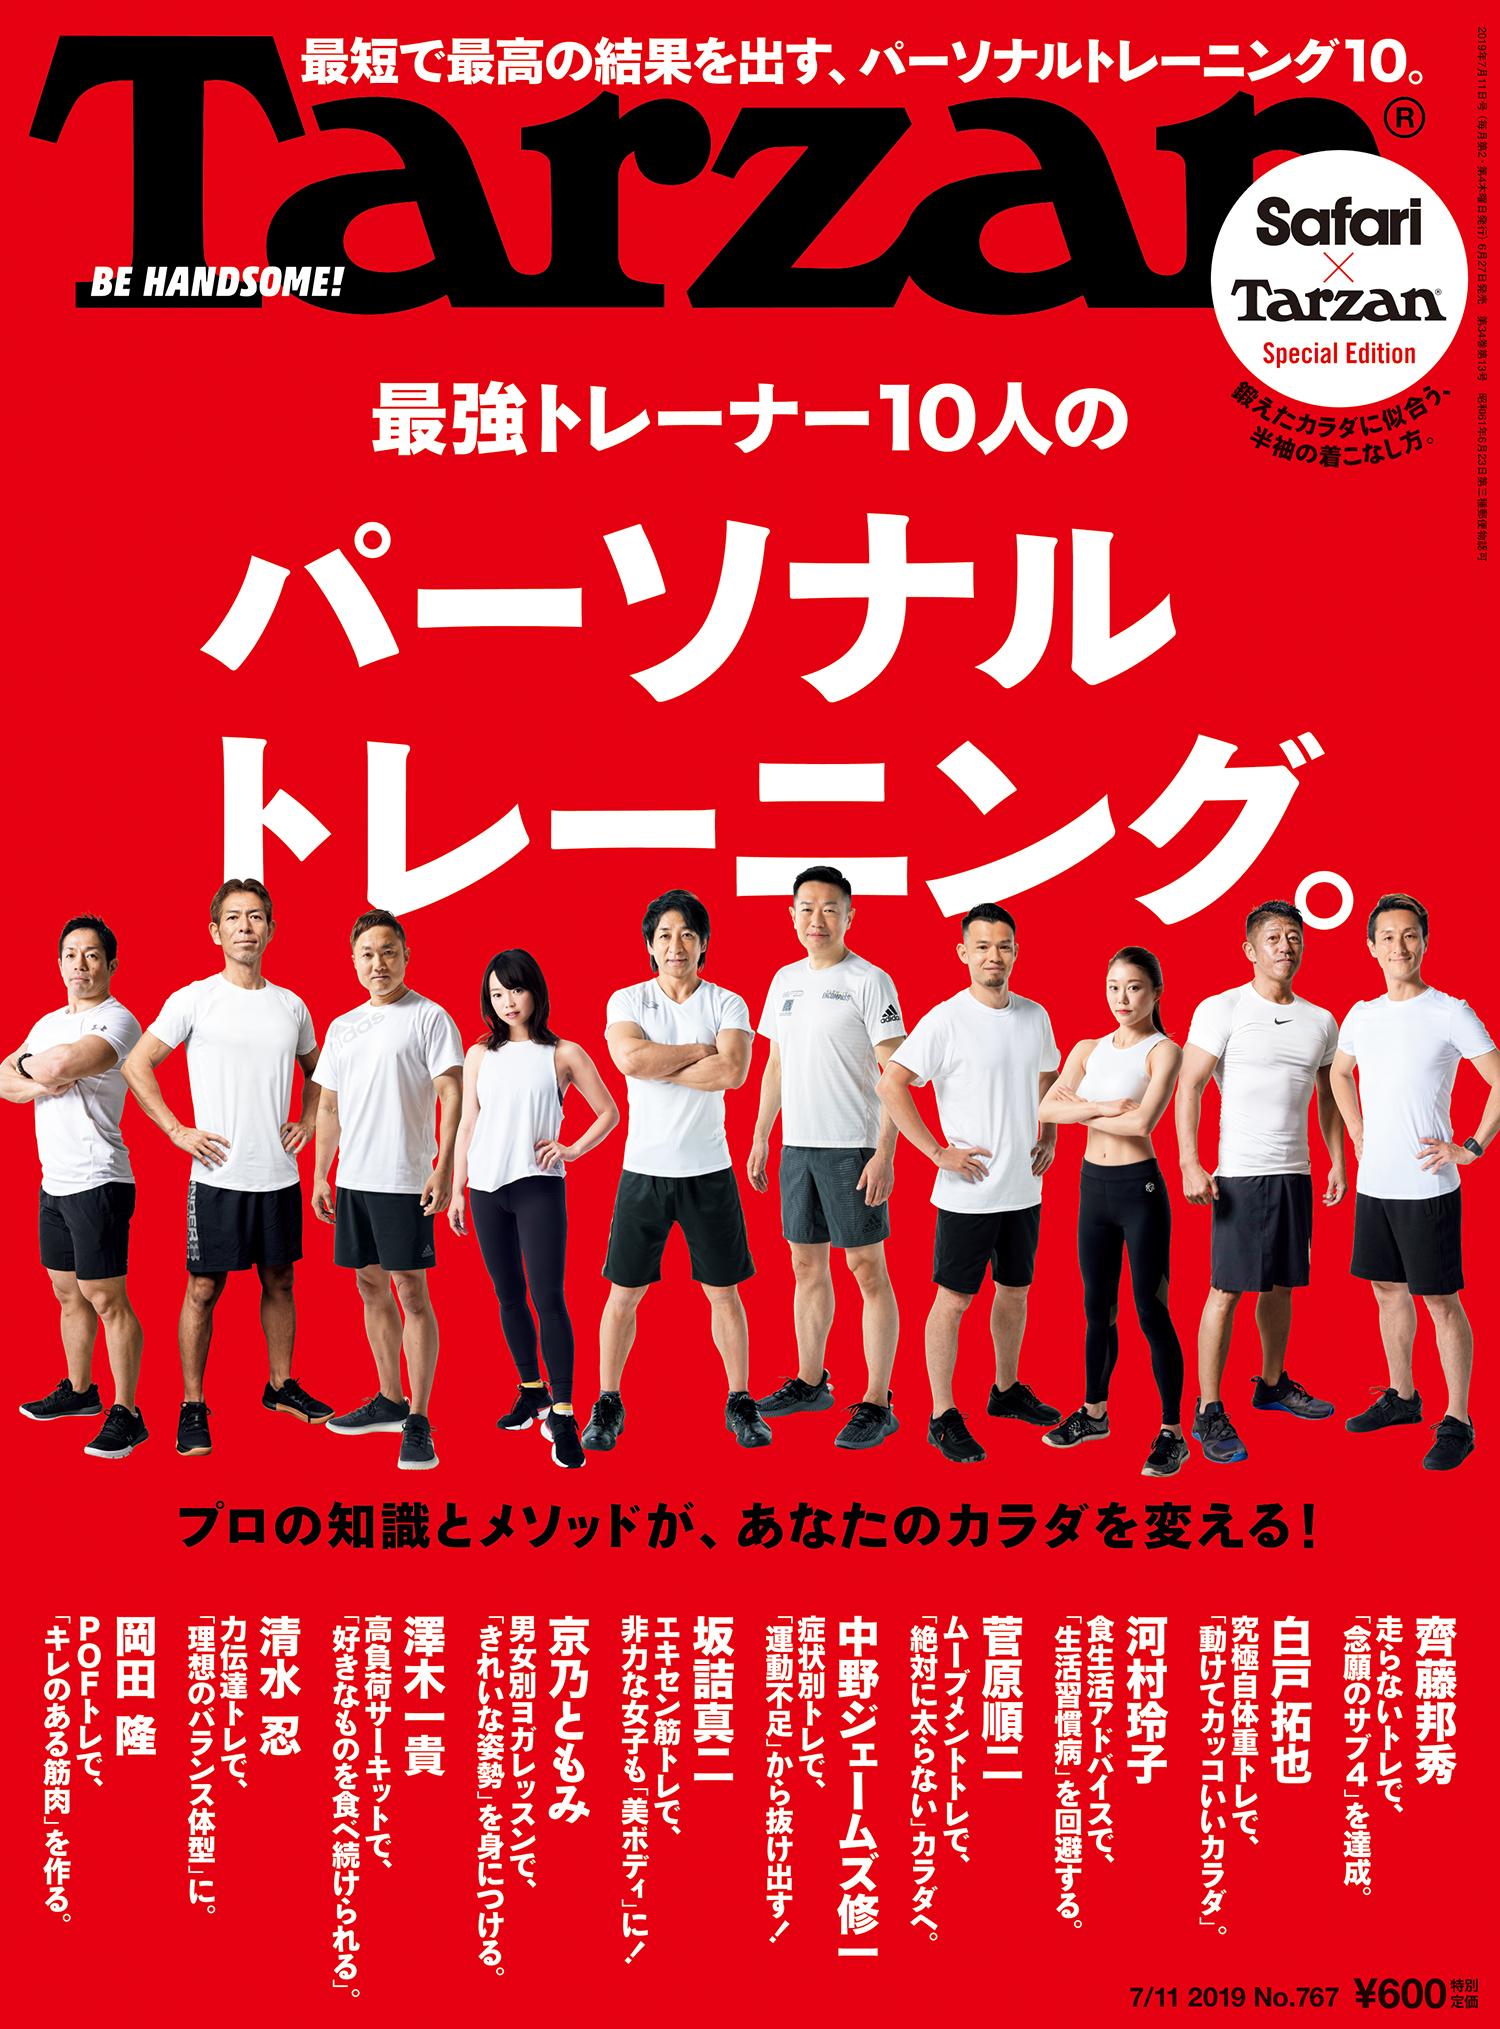 ターザン』767号「最強トレーナー10人のパーソナルトレーニング」特集の表紙。